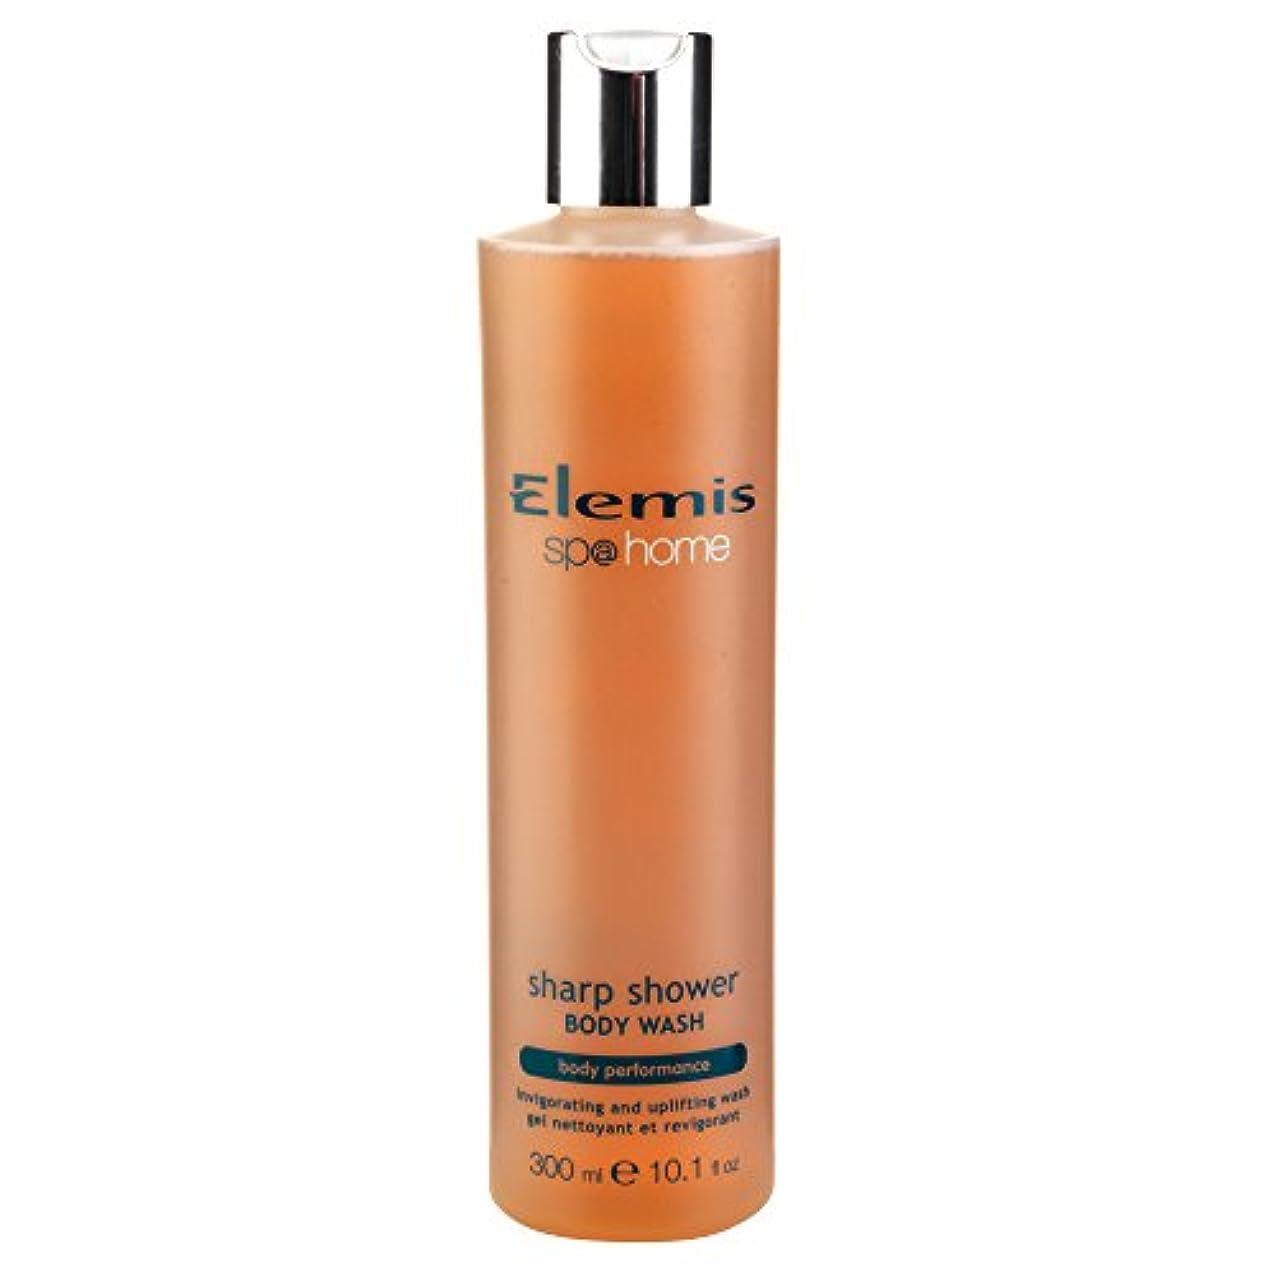 踊り子クモ照らすエレミスシャープシャワーボディウォッシュ300ミリリットル (Elemis) - Elemis Sharp Shower Body Wash 300ml [並行輸入品]